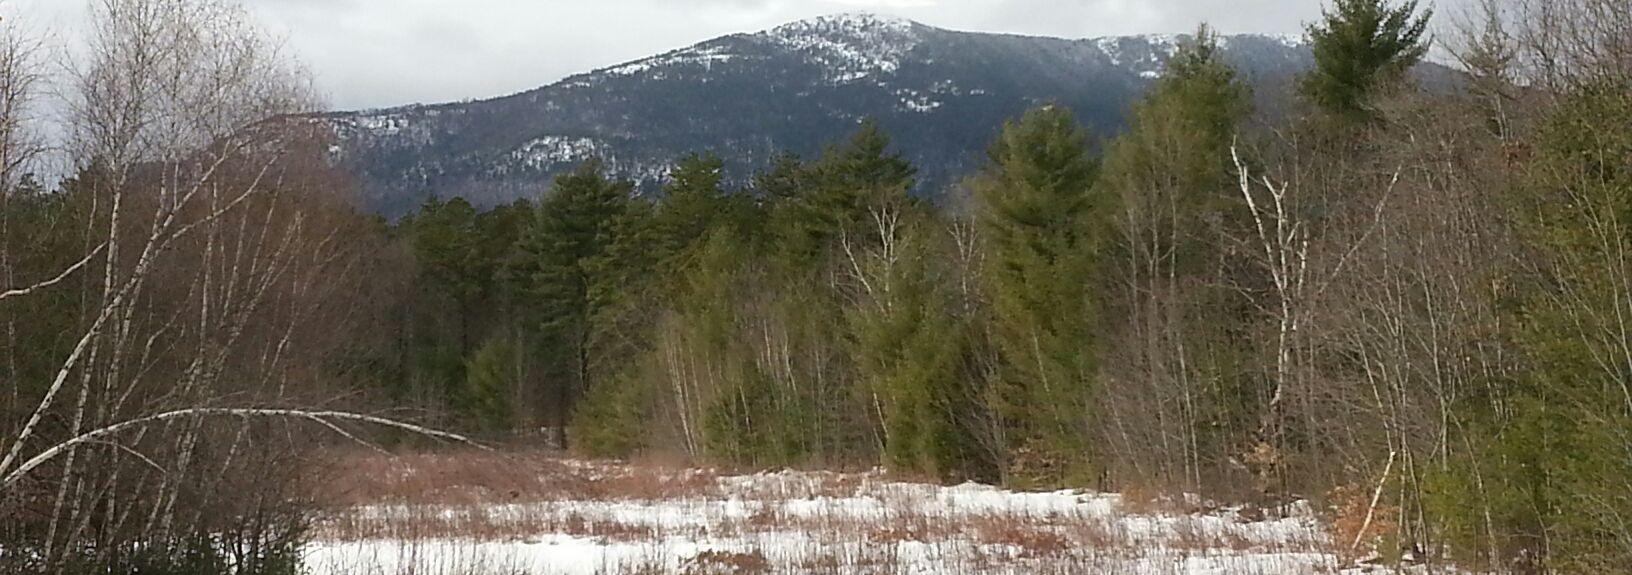 Birch Hill, Conway, New Hampshire, Estados Unidos